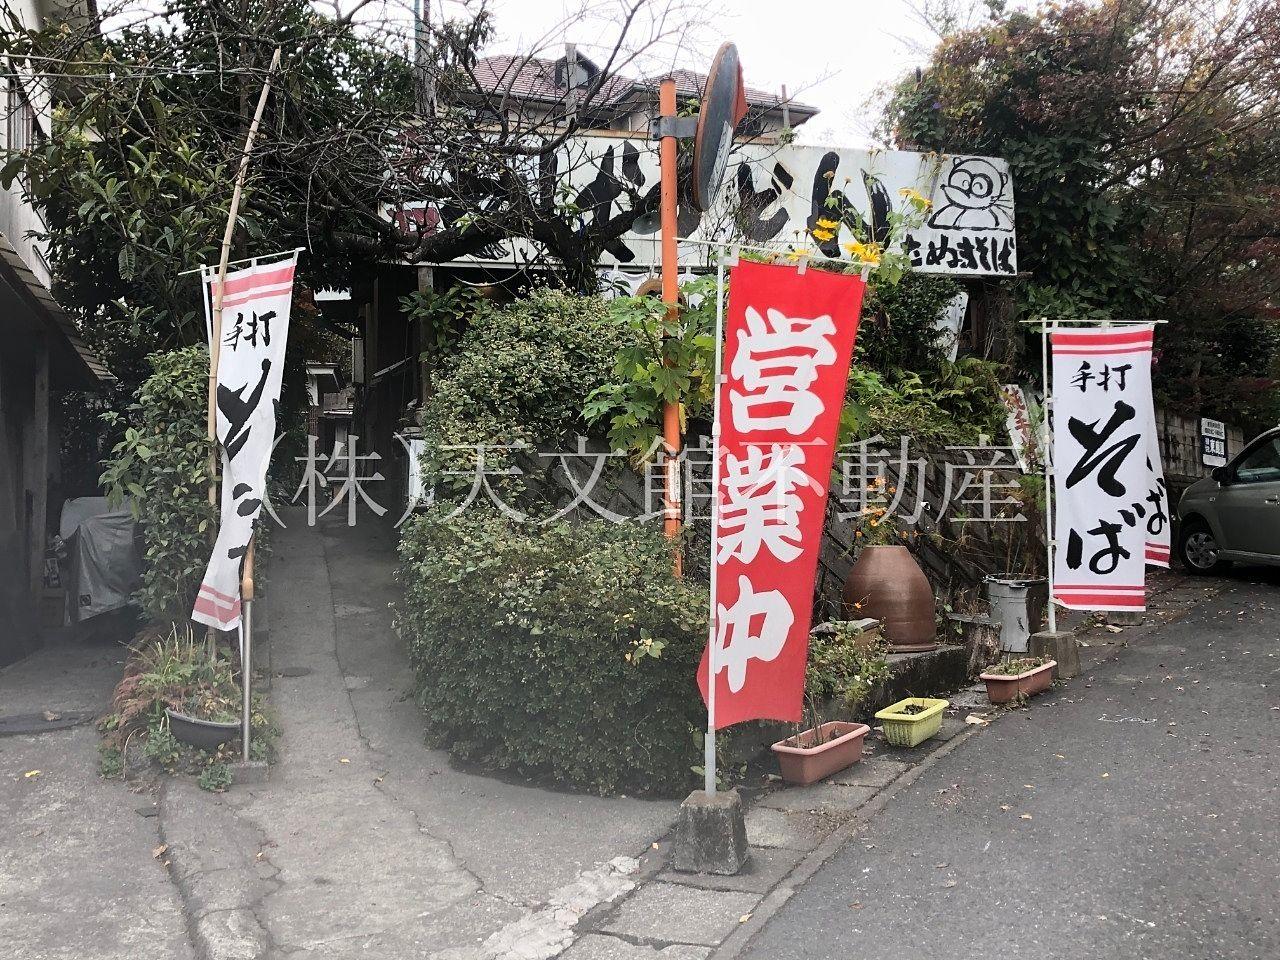 鹿児島市吉野町のたぬきそばの通路